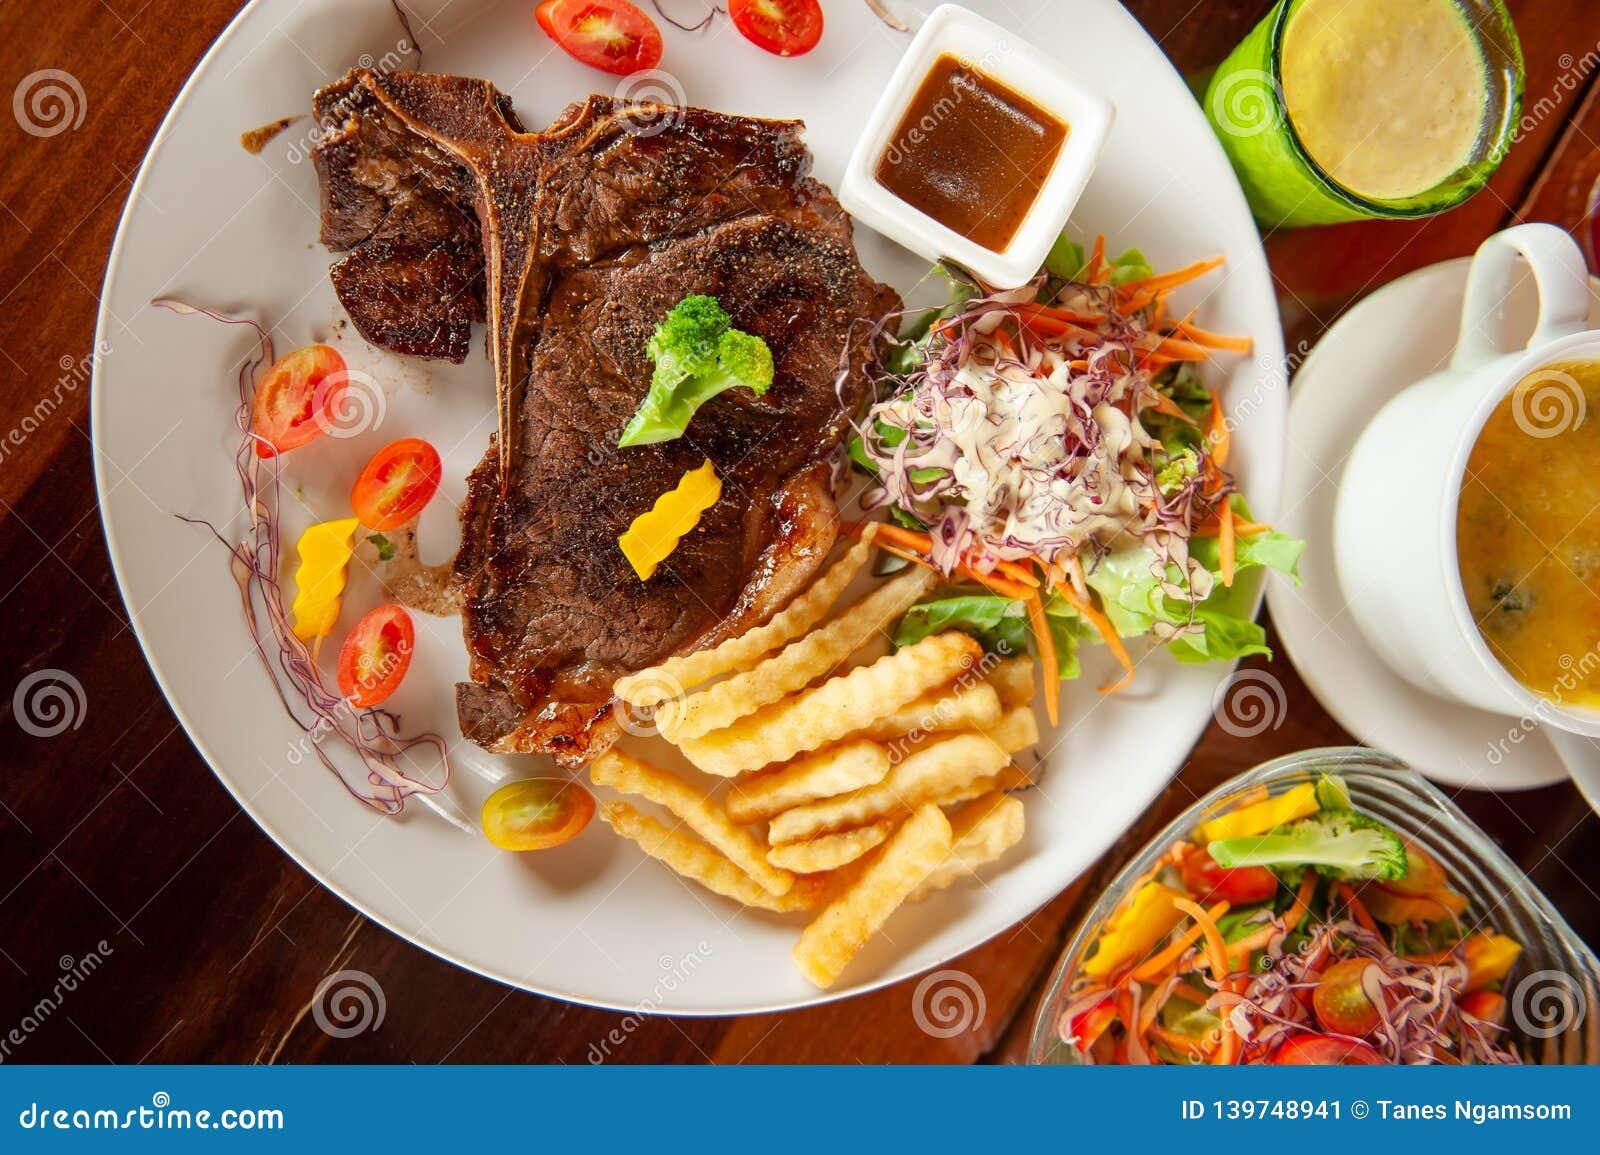 Średni rzadki Piec na grillu kość stek z sałatką, francuzów dłoniakami, pomidorami, puree ziemniaczane i piec szpinakami z serem